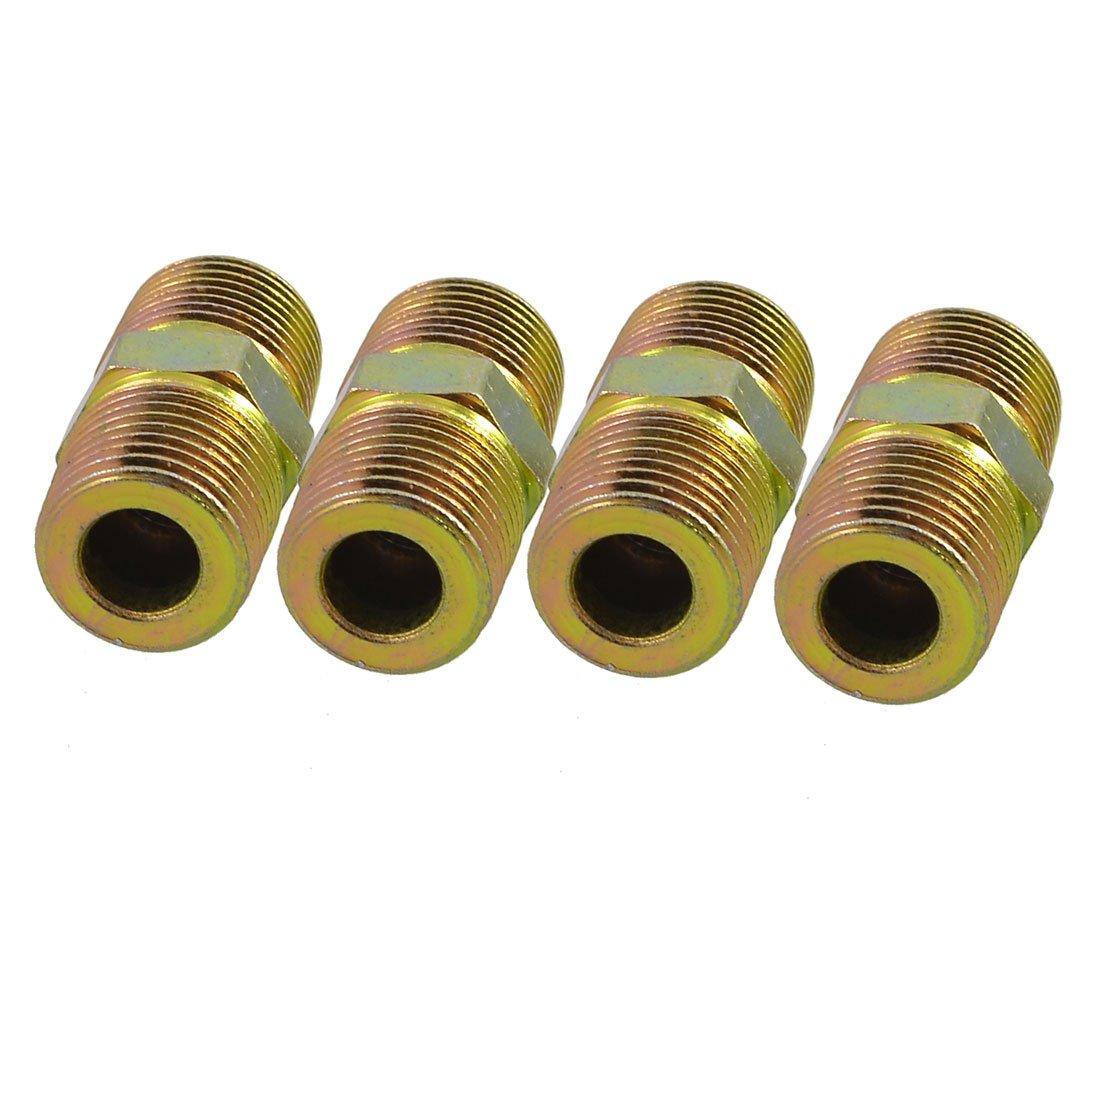 4 pi/èces 1//2et 1//2 pinte tuyauterie Filetage /égal /à barrettes de connexion